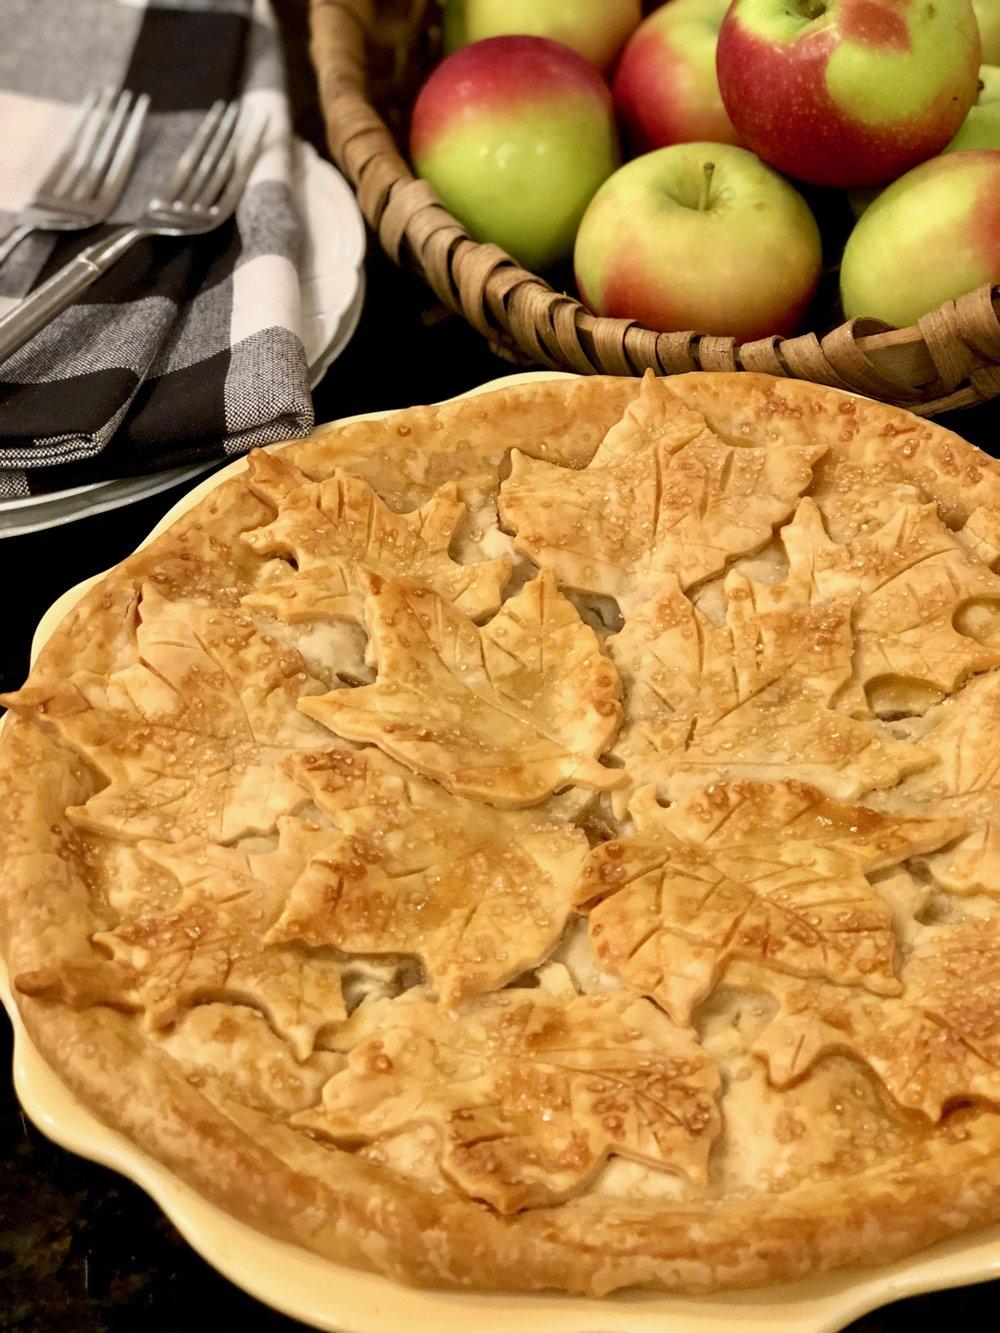 New England apple pie